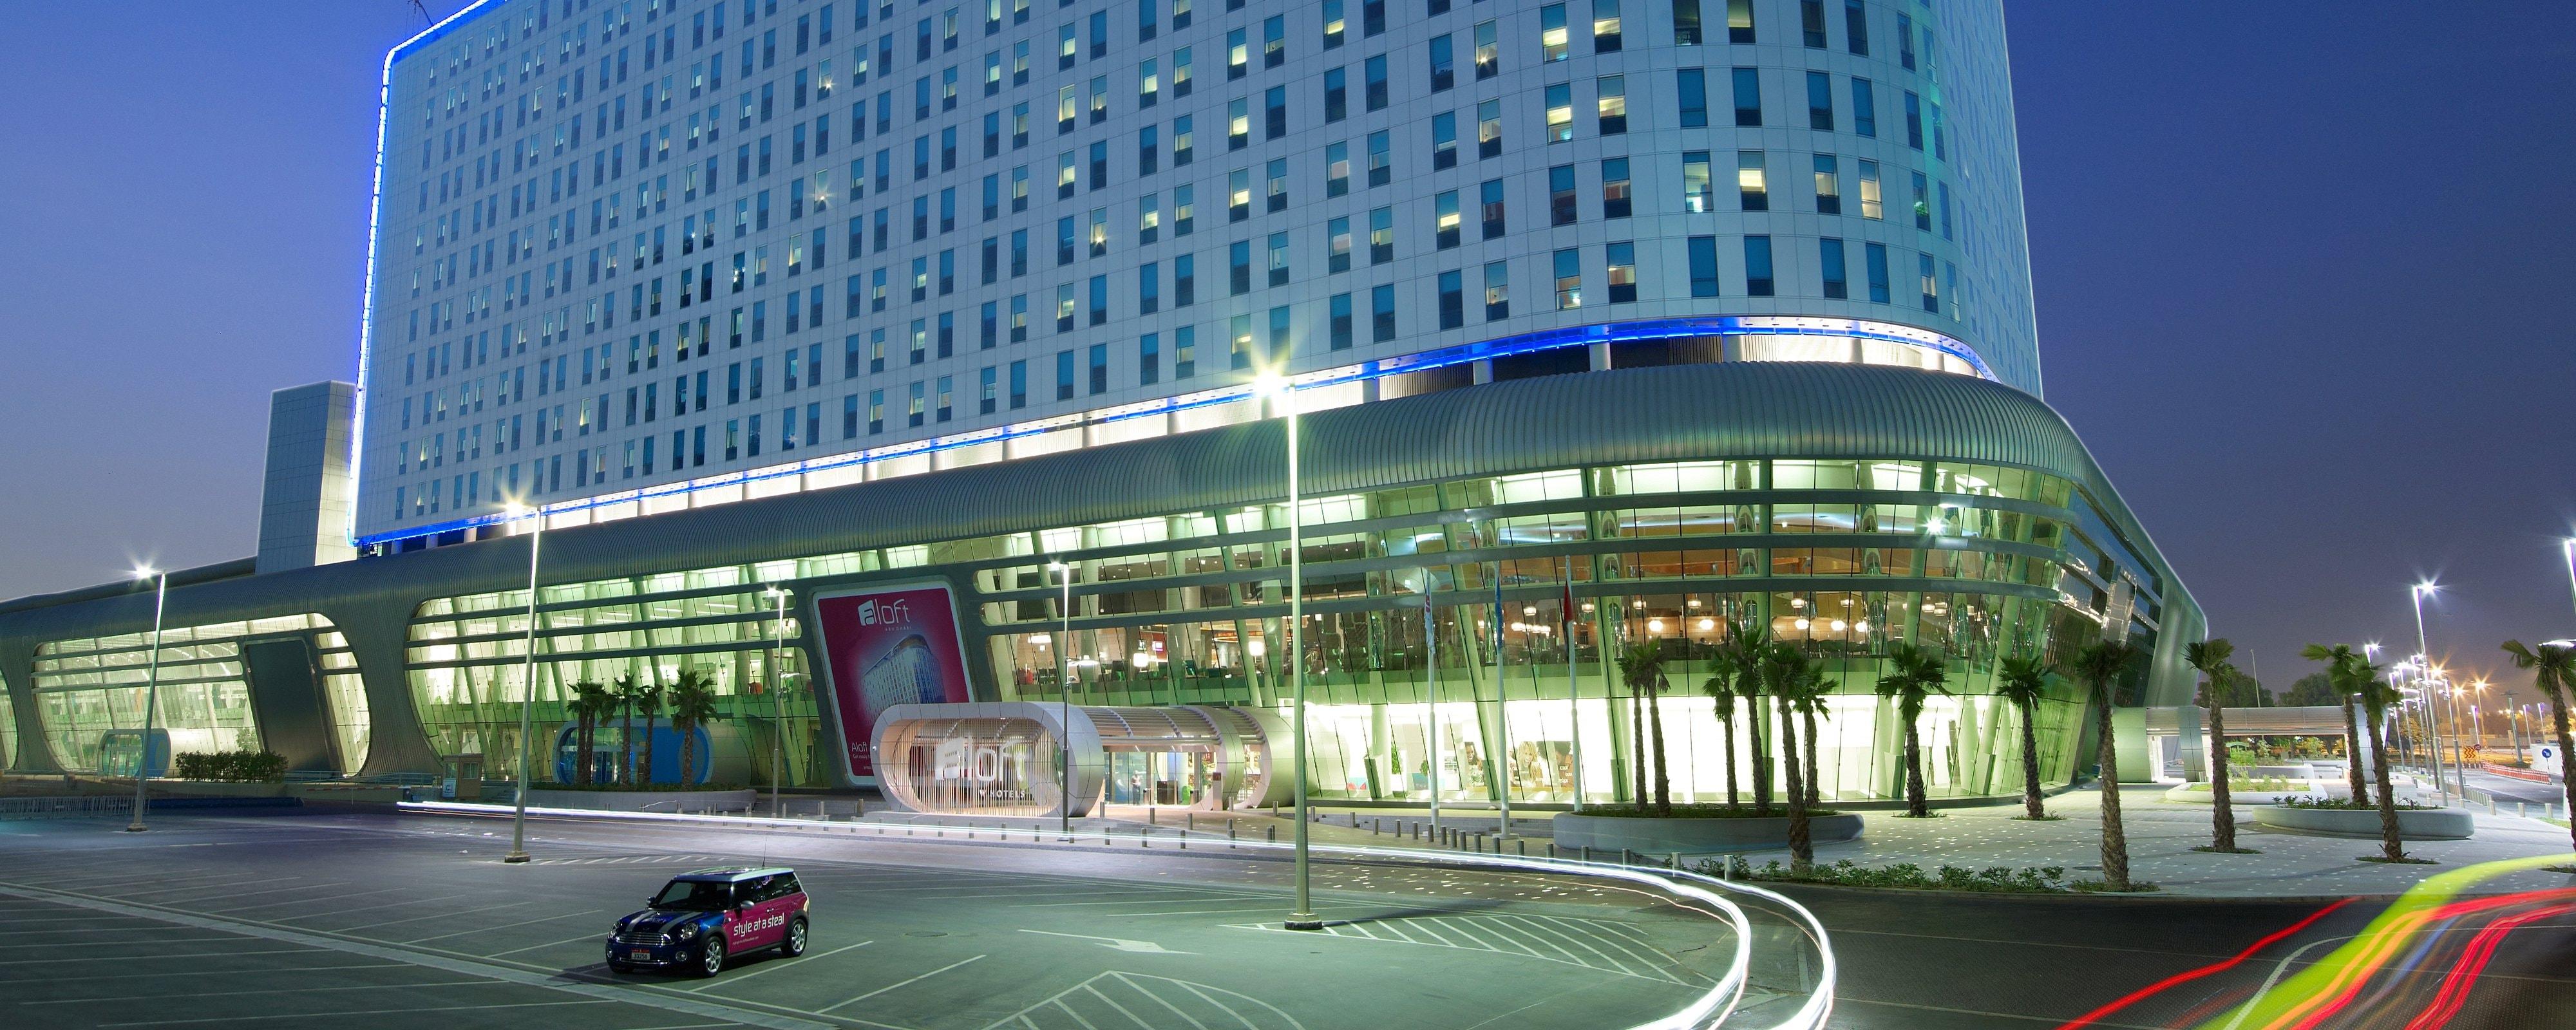 Boutique Hotel in Abu Dhabi | Aloft Abu Dhabi